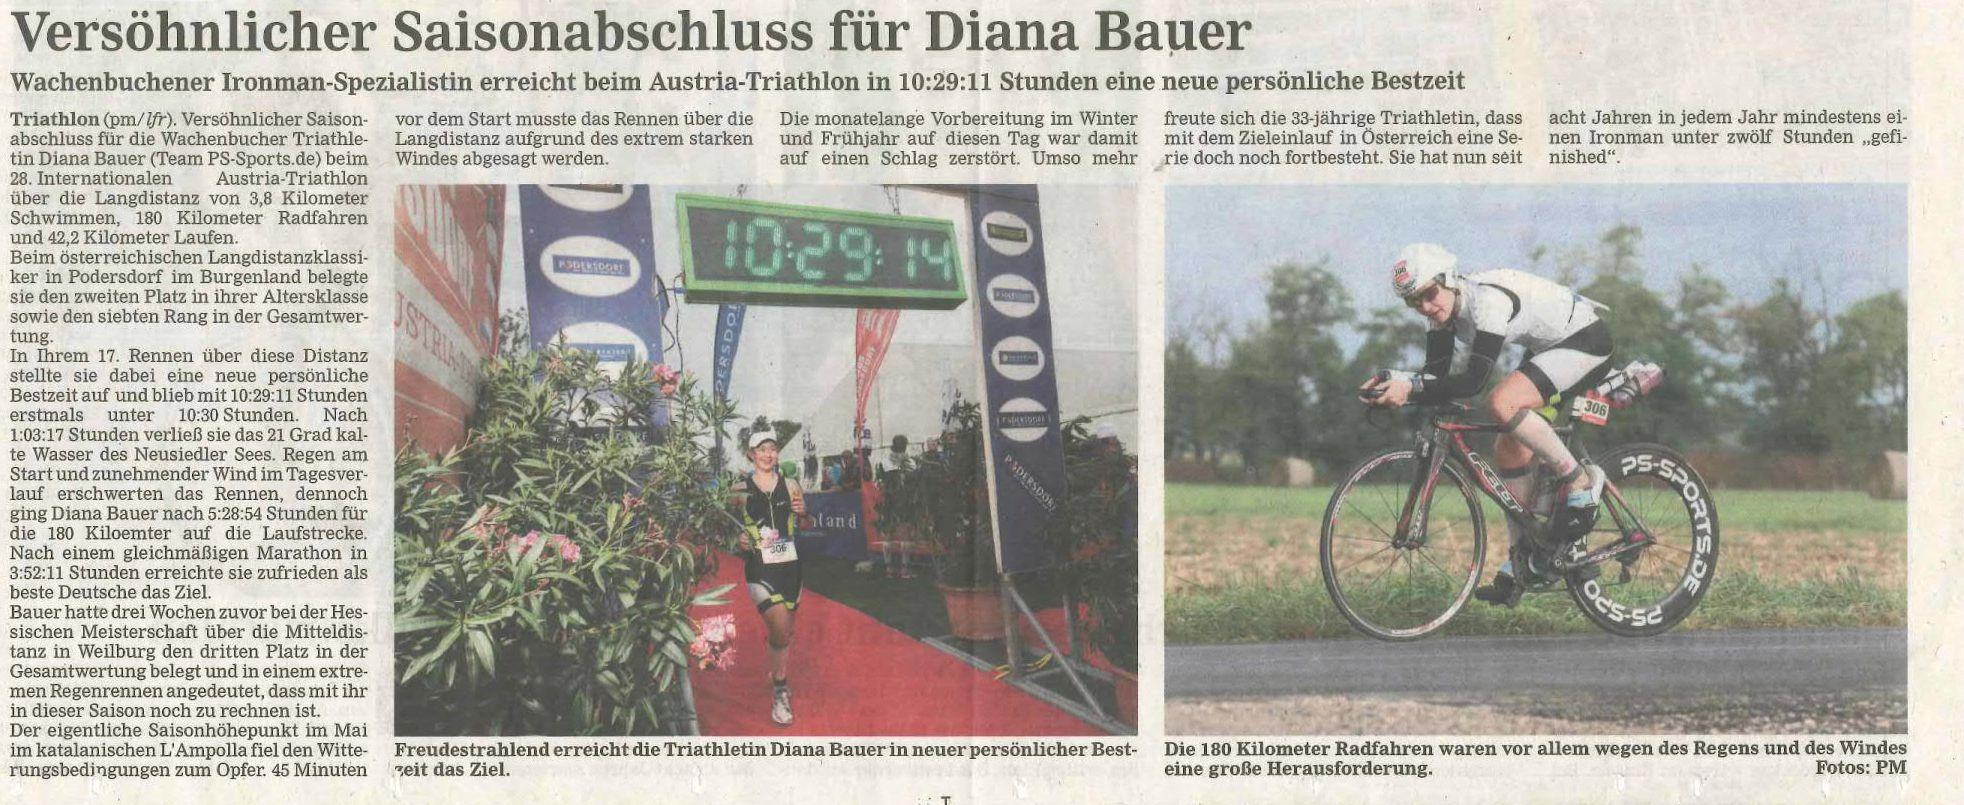 Austria Triathlon Podersdorf 2015: Diana mit neuer Bestzeit über Ironman-Distanz